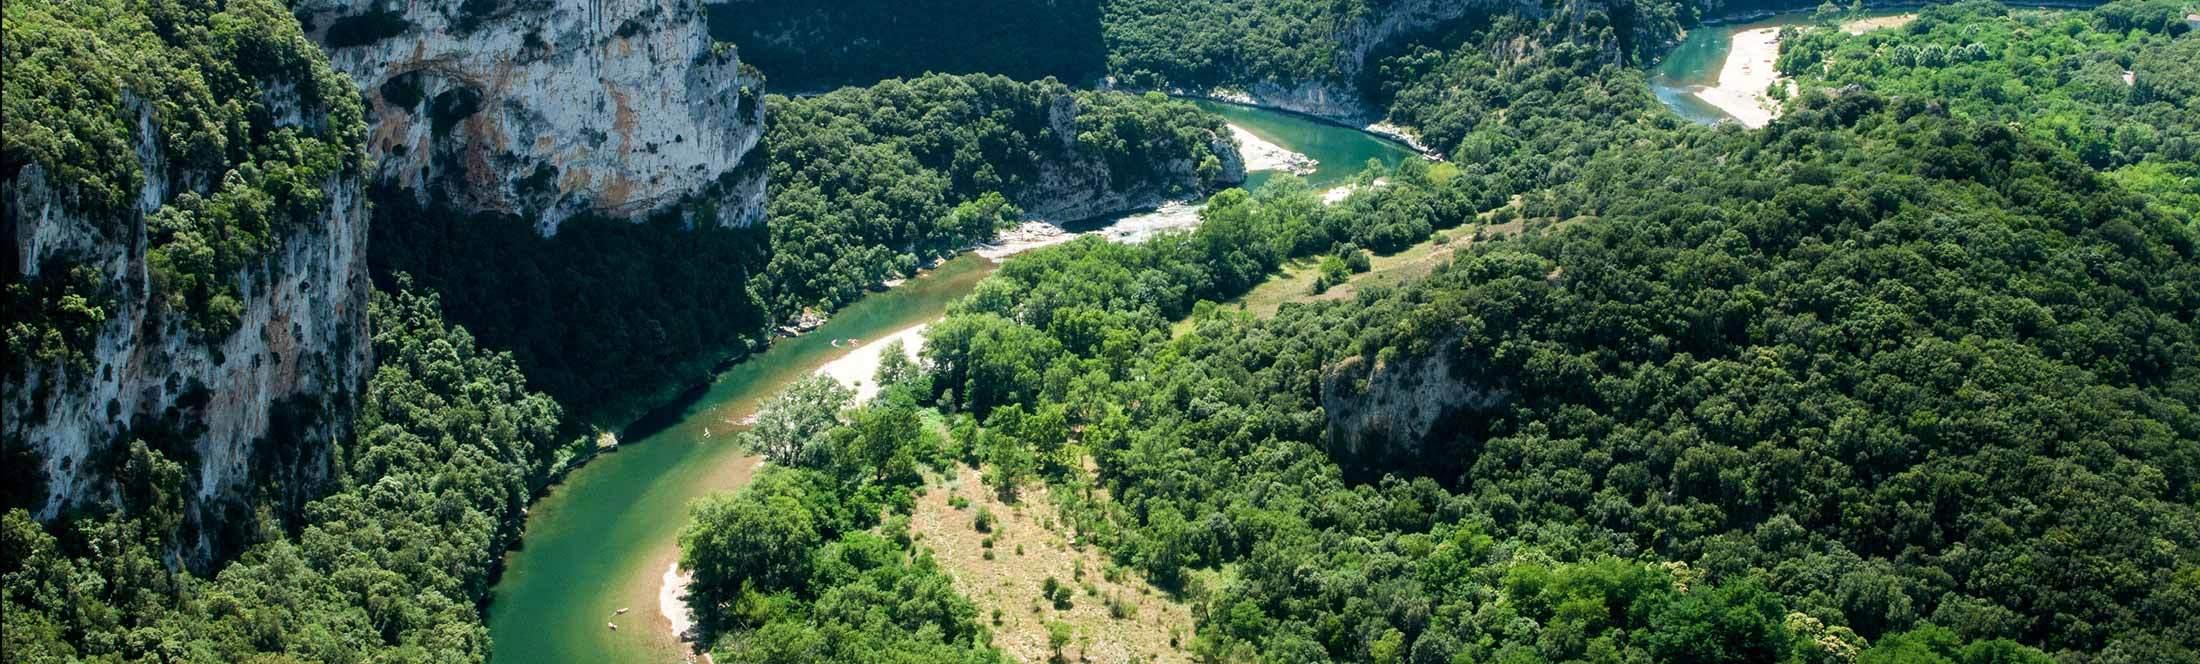 Les Gorges de l'Ardèche vue d'en haut